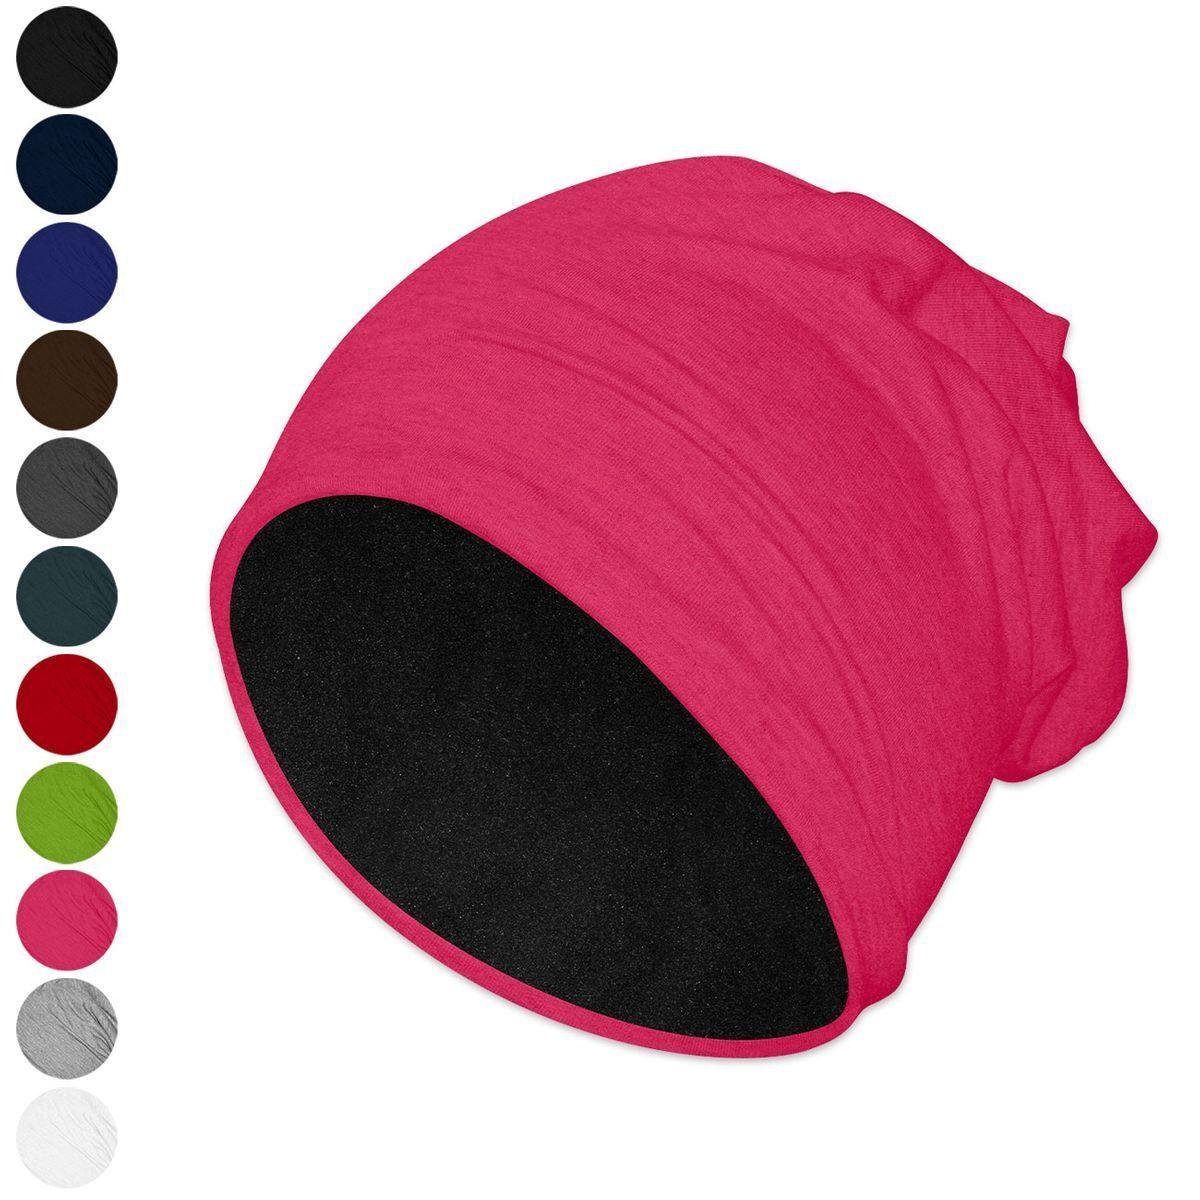 1 Mütze viele Farben Beanie schwarz grau blau braun pink grün rot weiß unisex